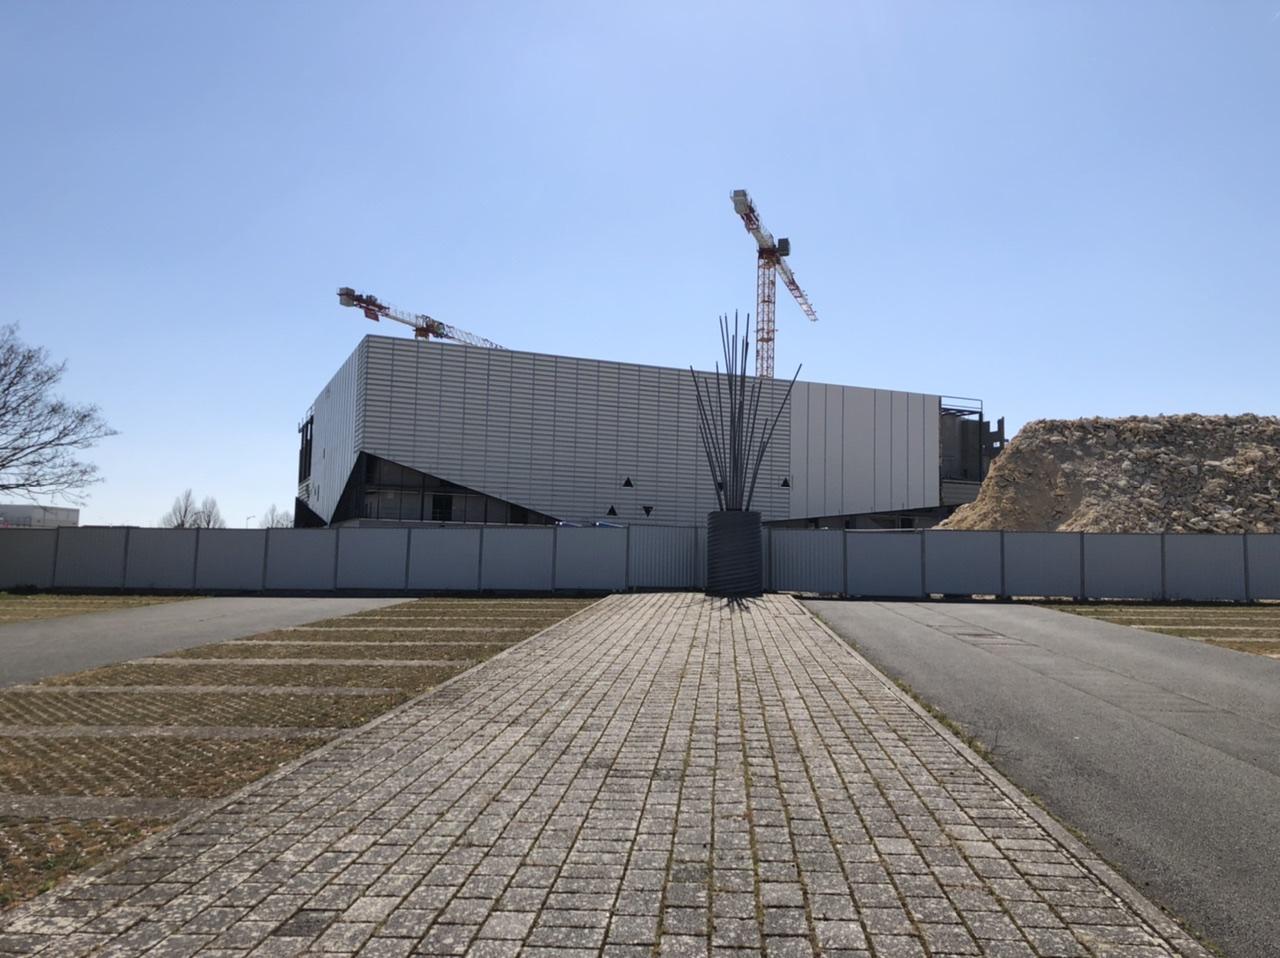 « Arena Futuroscope » grande salle de spectacles et de sports · 2022 - Page 17 F51-E2-B00-07-D3-4-ACB-B9-FD-5-C47-E9-CA03-AB